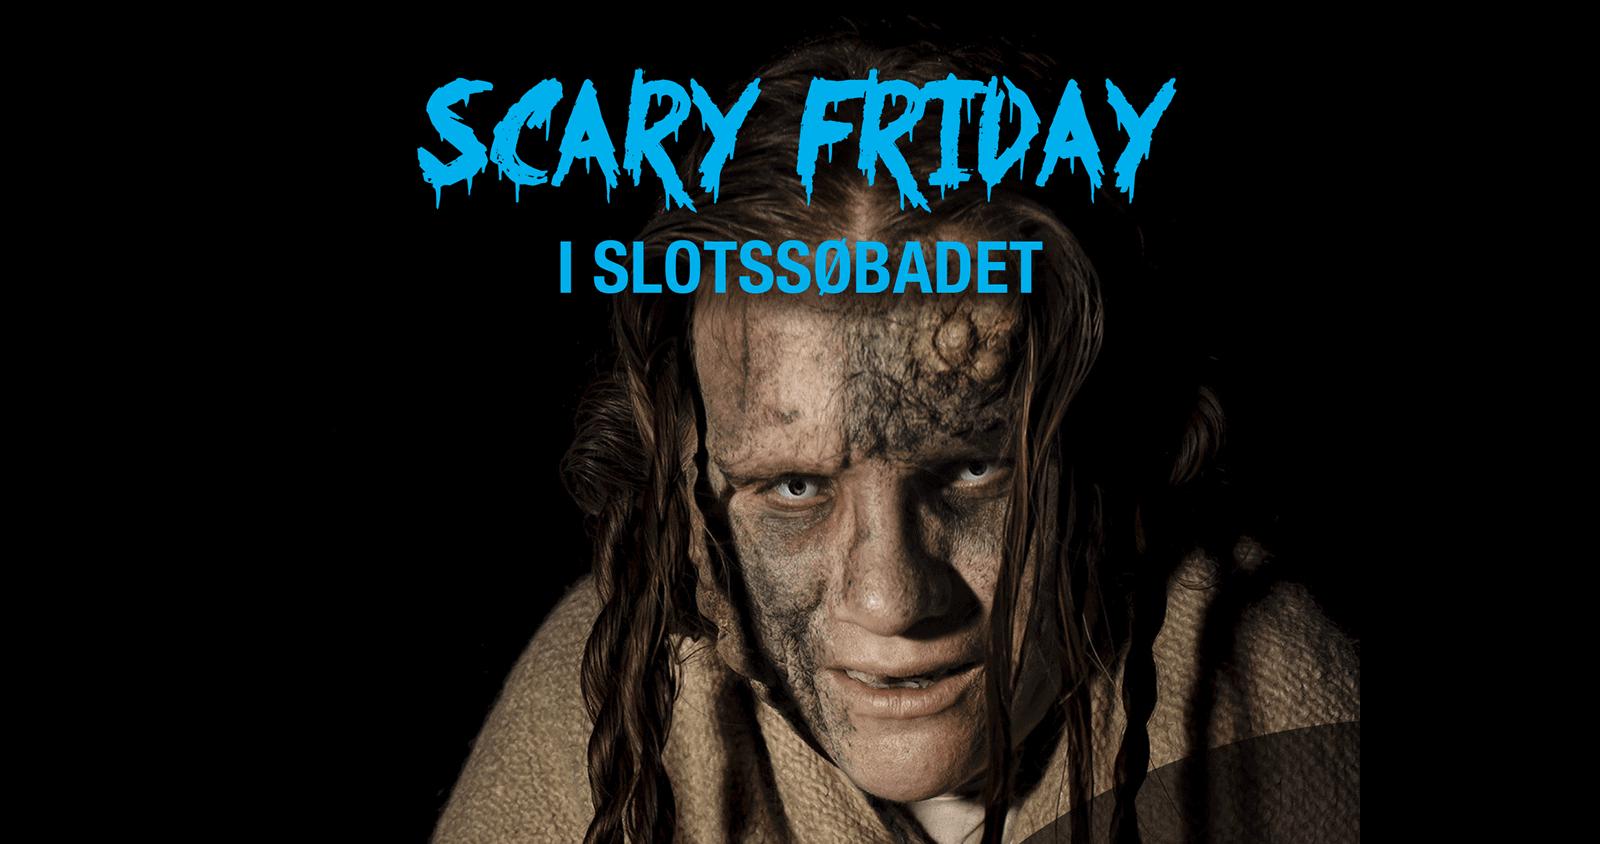 Scary Friday i SlotssøBadet